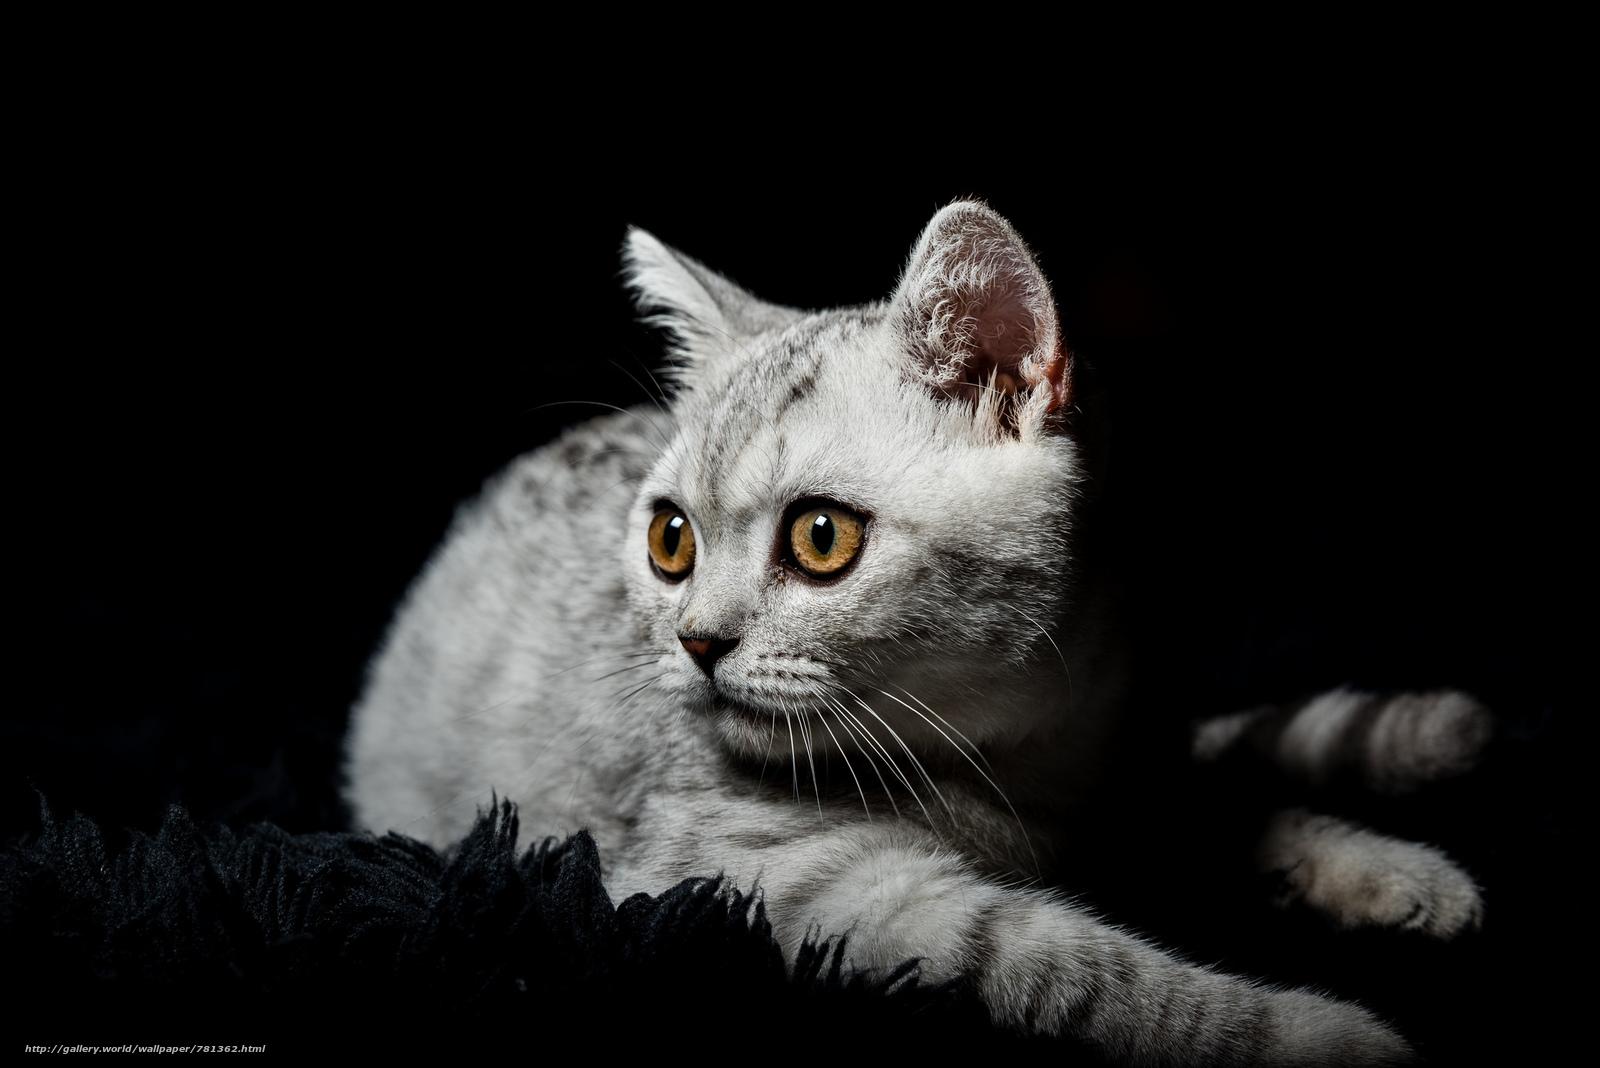 cat Kitty, sight, animal